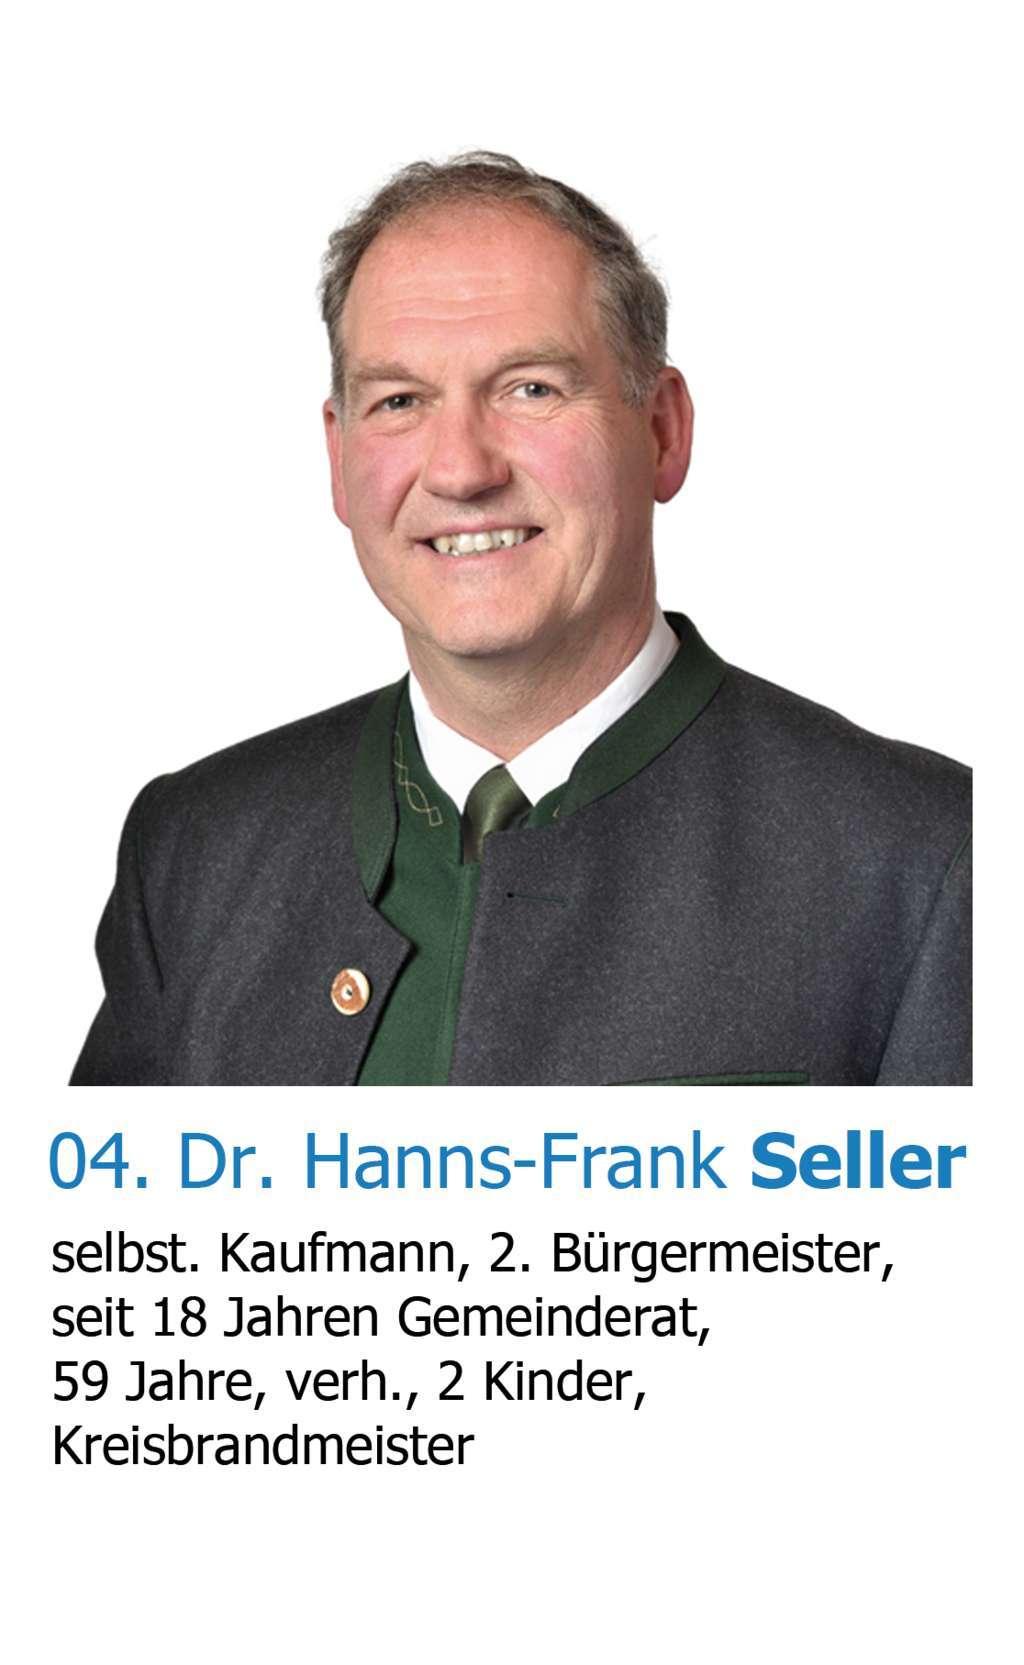 Dr. Hanns Frank Seller